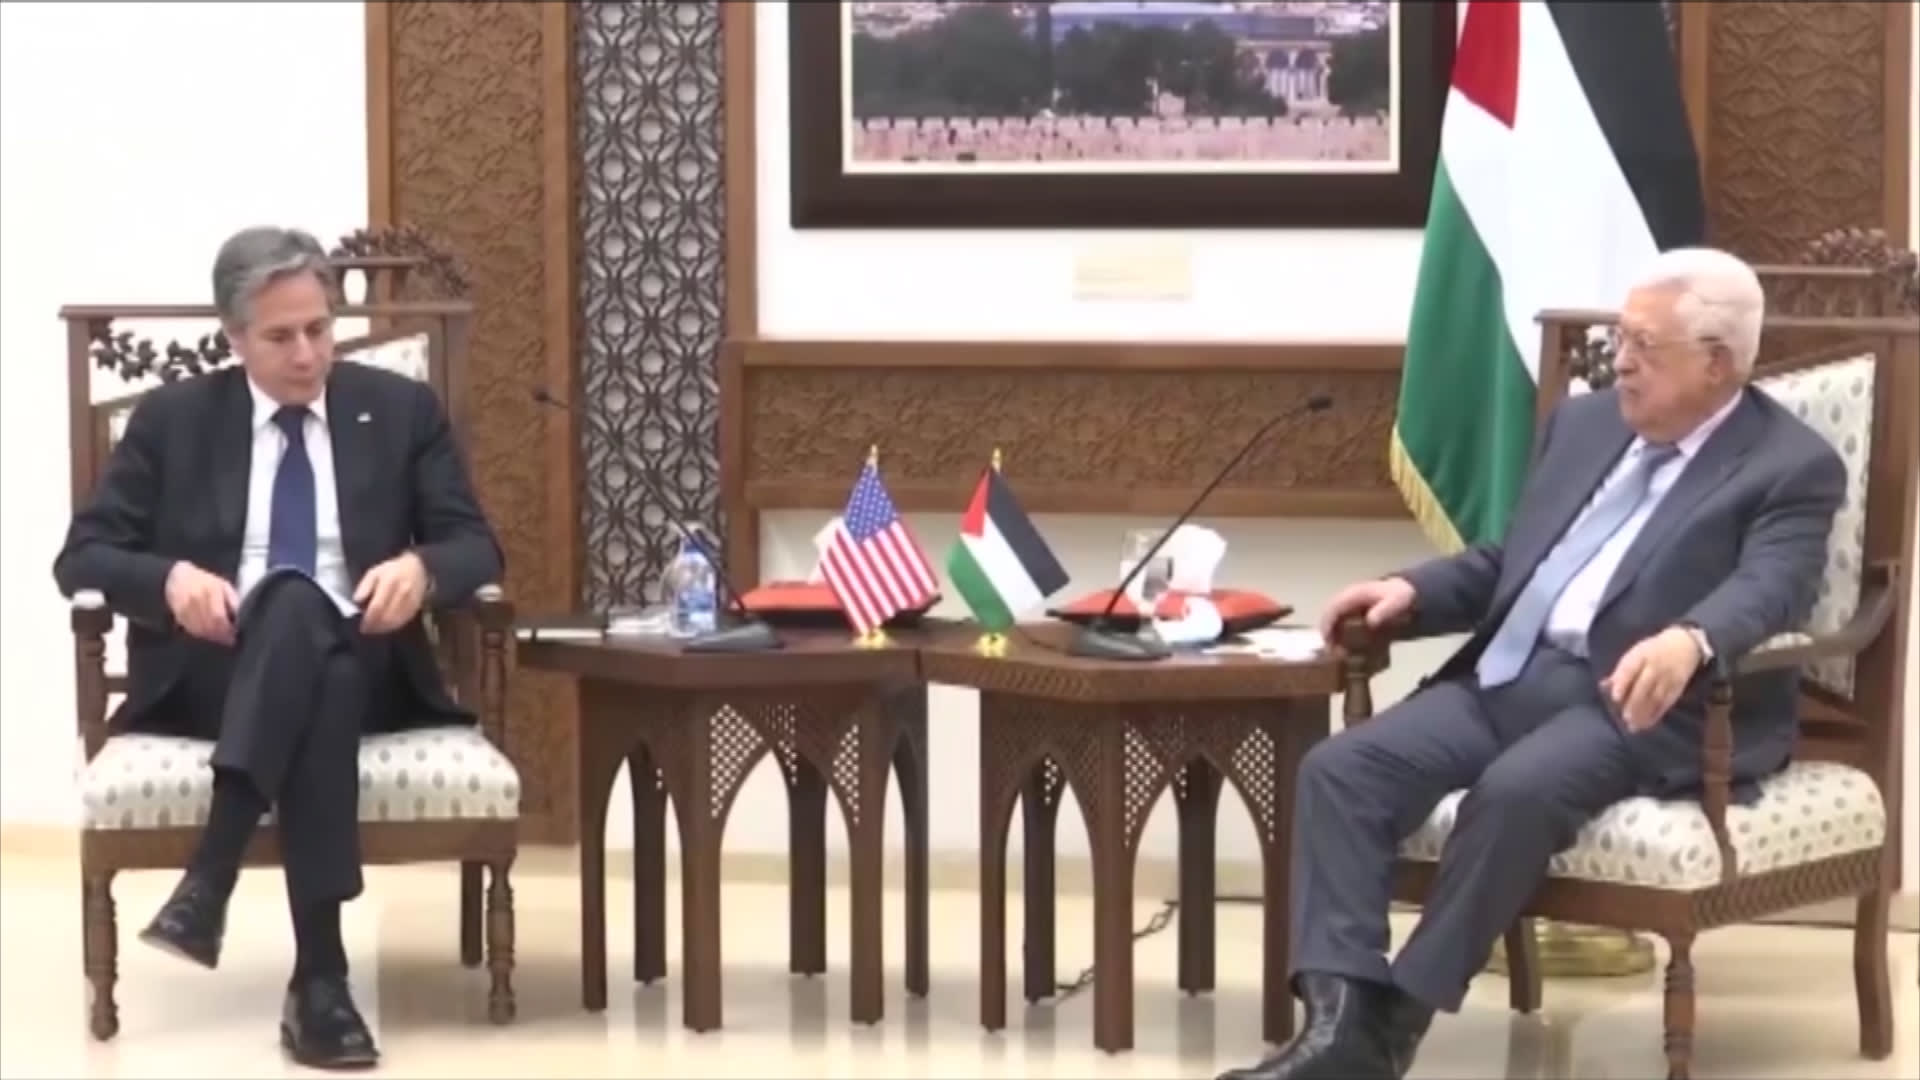 وسط وقف إطلاق النار.. أبرز وقفات لبلينكن بزياته الأولى للشرق الأوسط؟